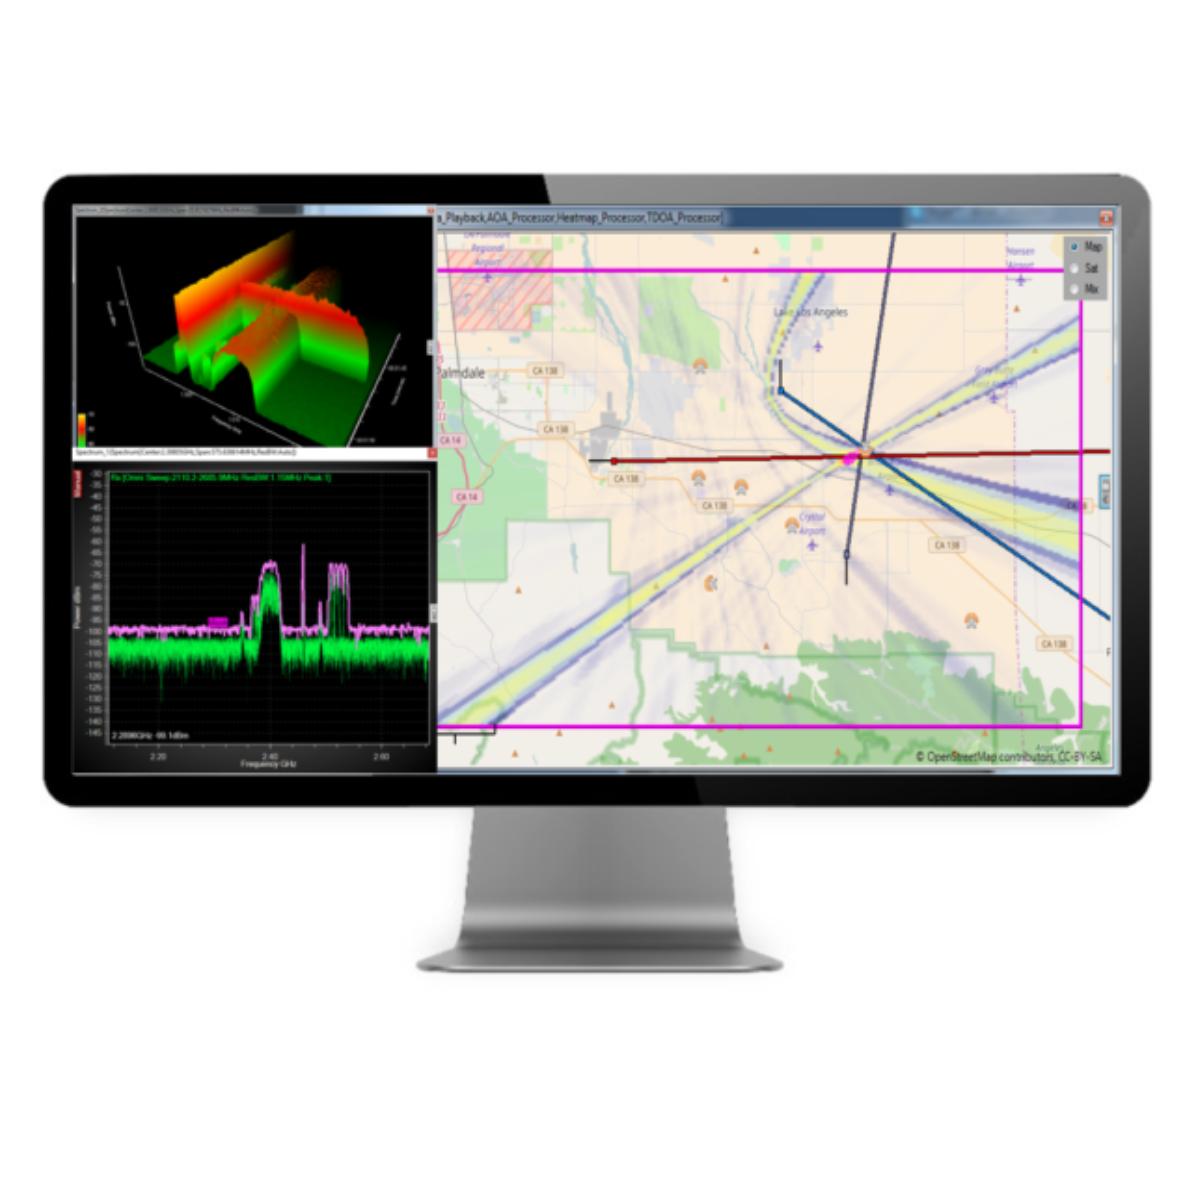 Gestión de espectro automatizadan CRFS Misión RFeye Mision-RFEYE